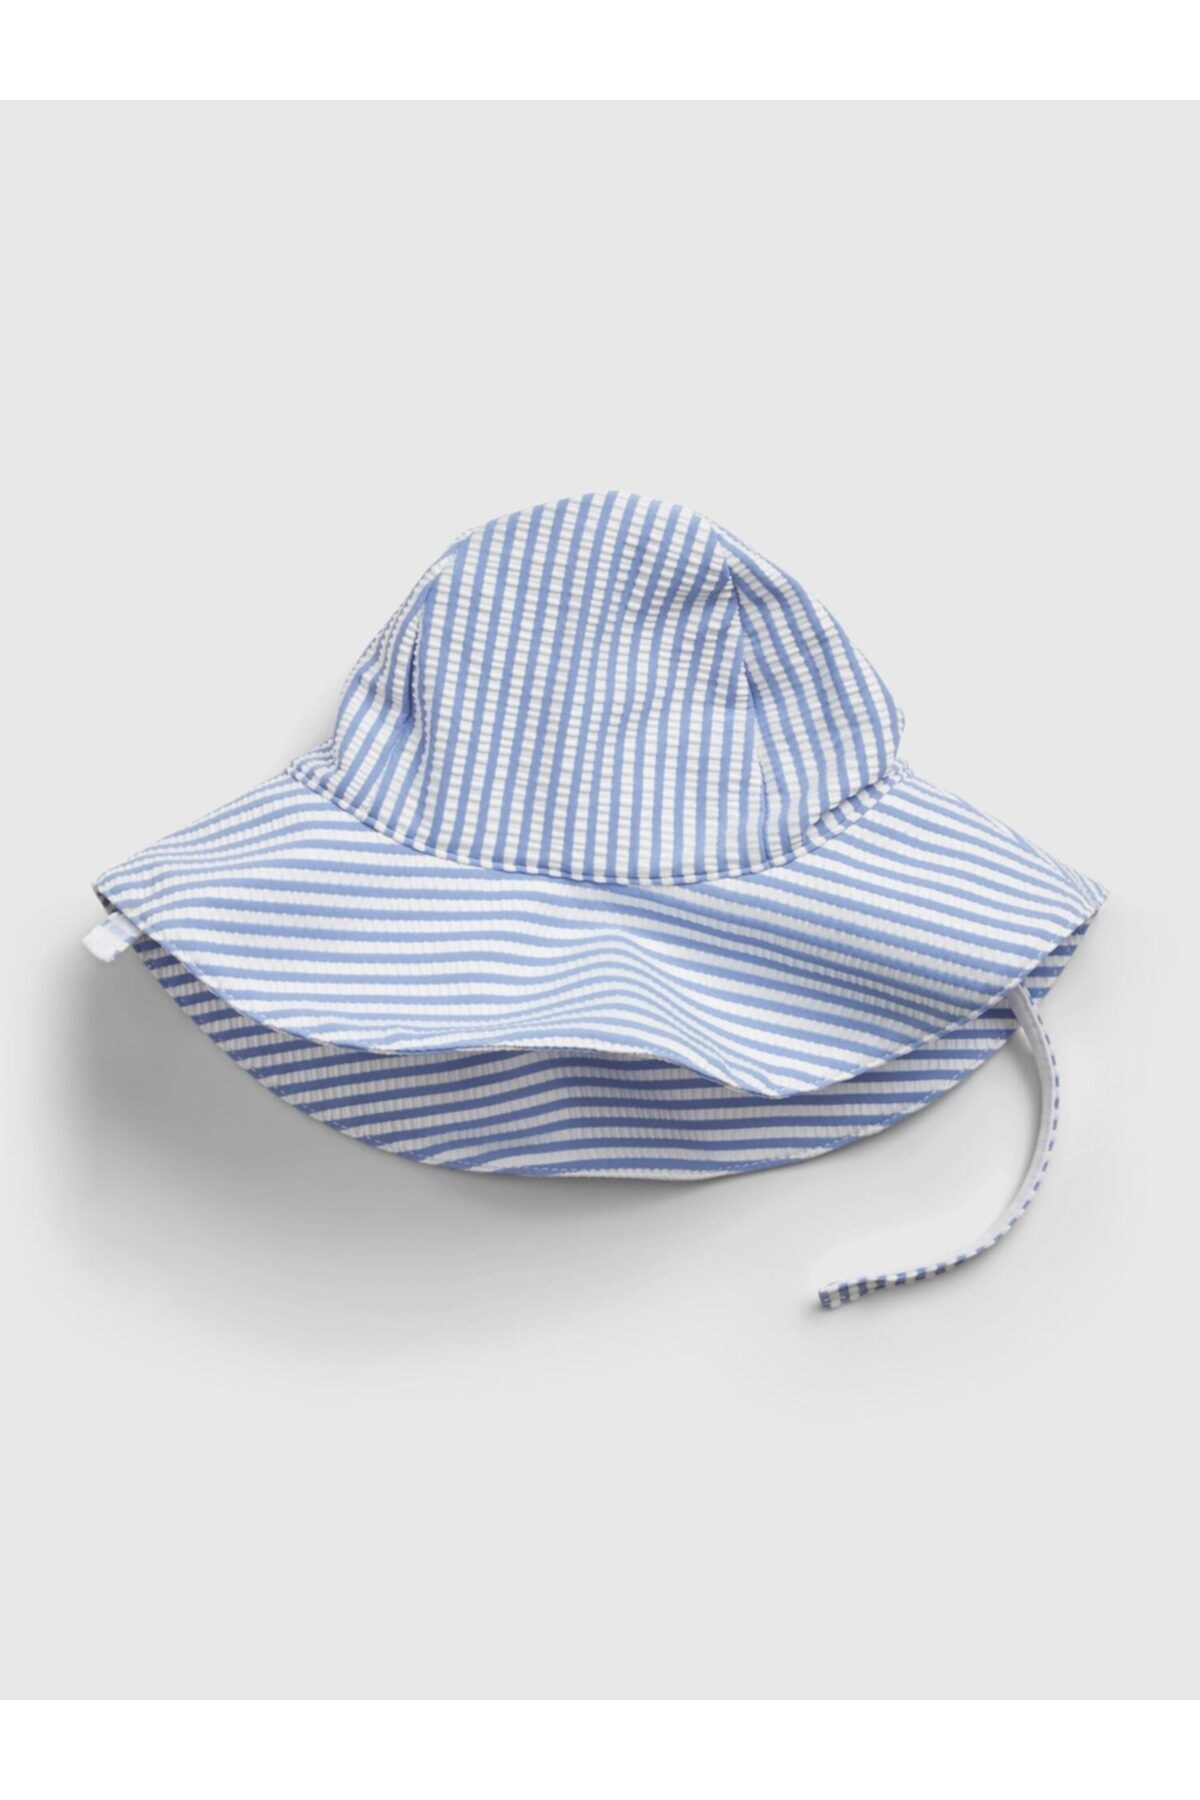 فروشگاه کلاه نوزاد دخترانه  برند GAP رنگ آبی کد ty92661981